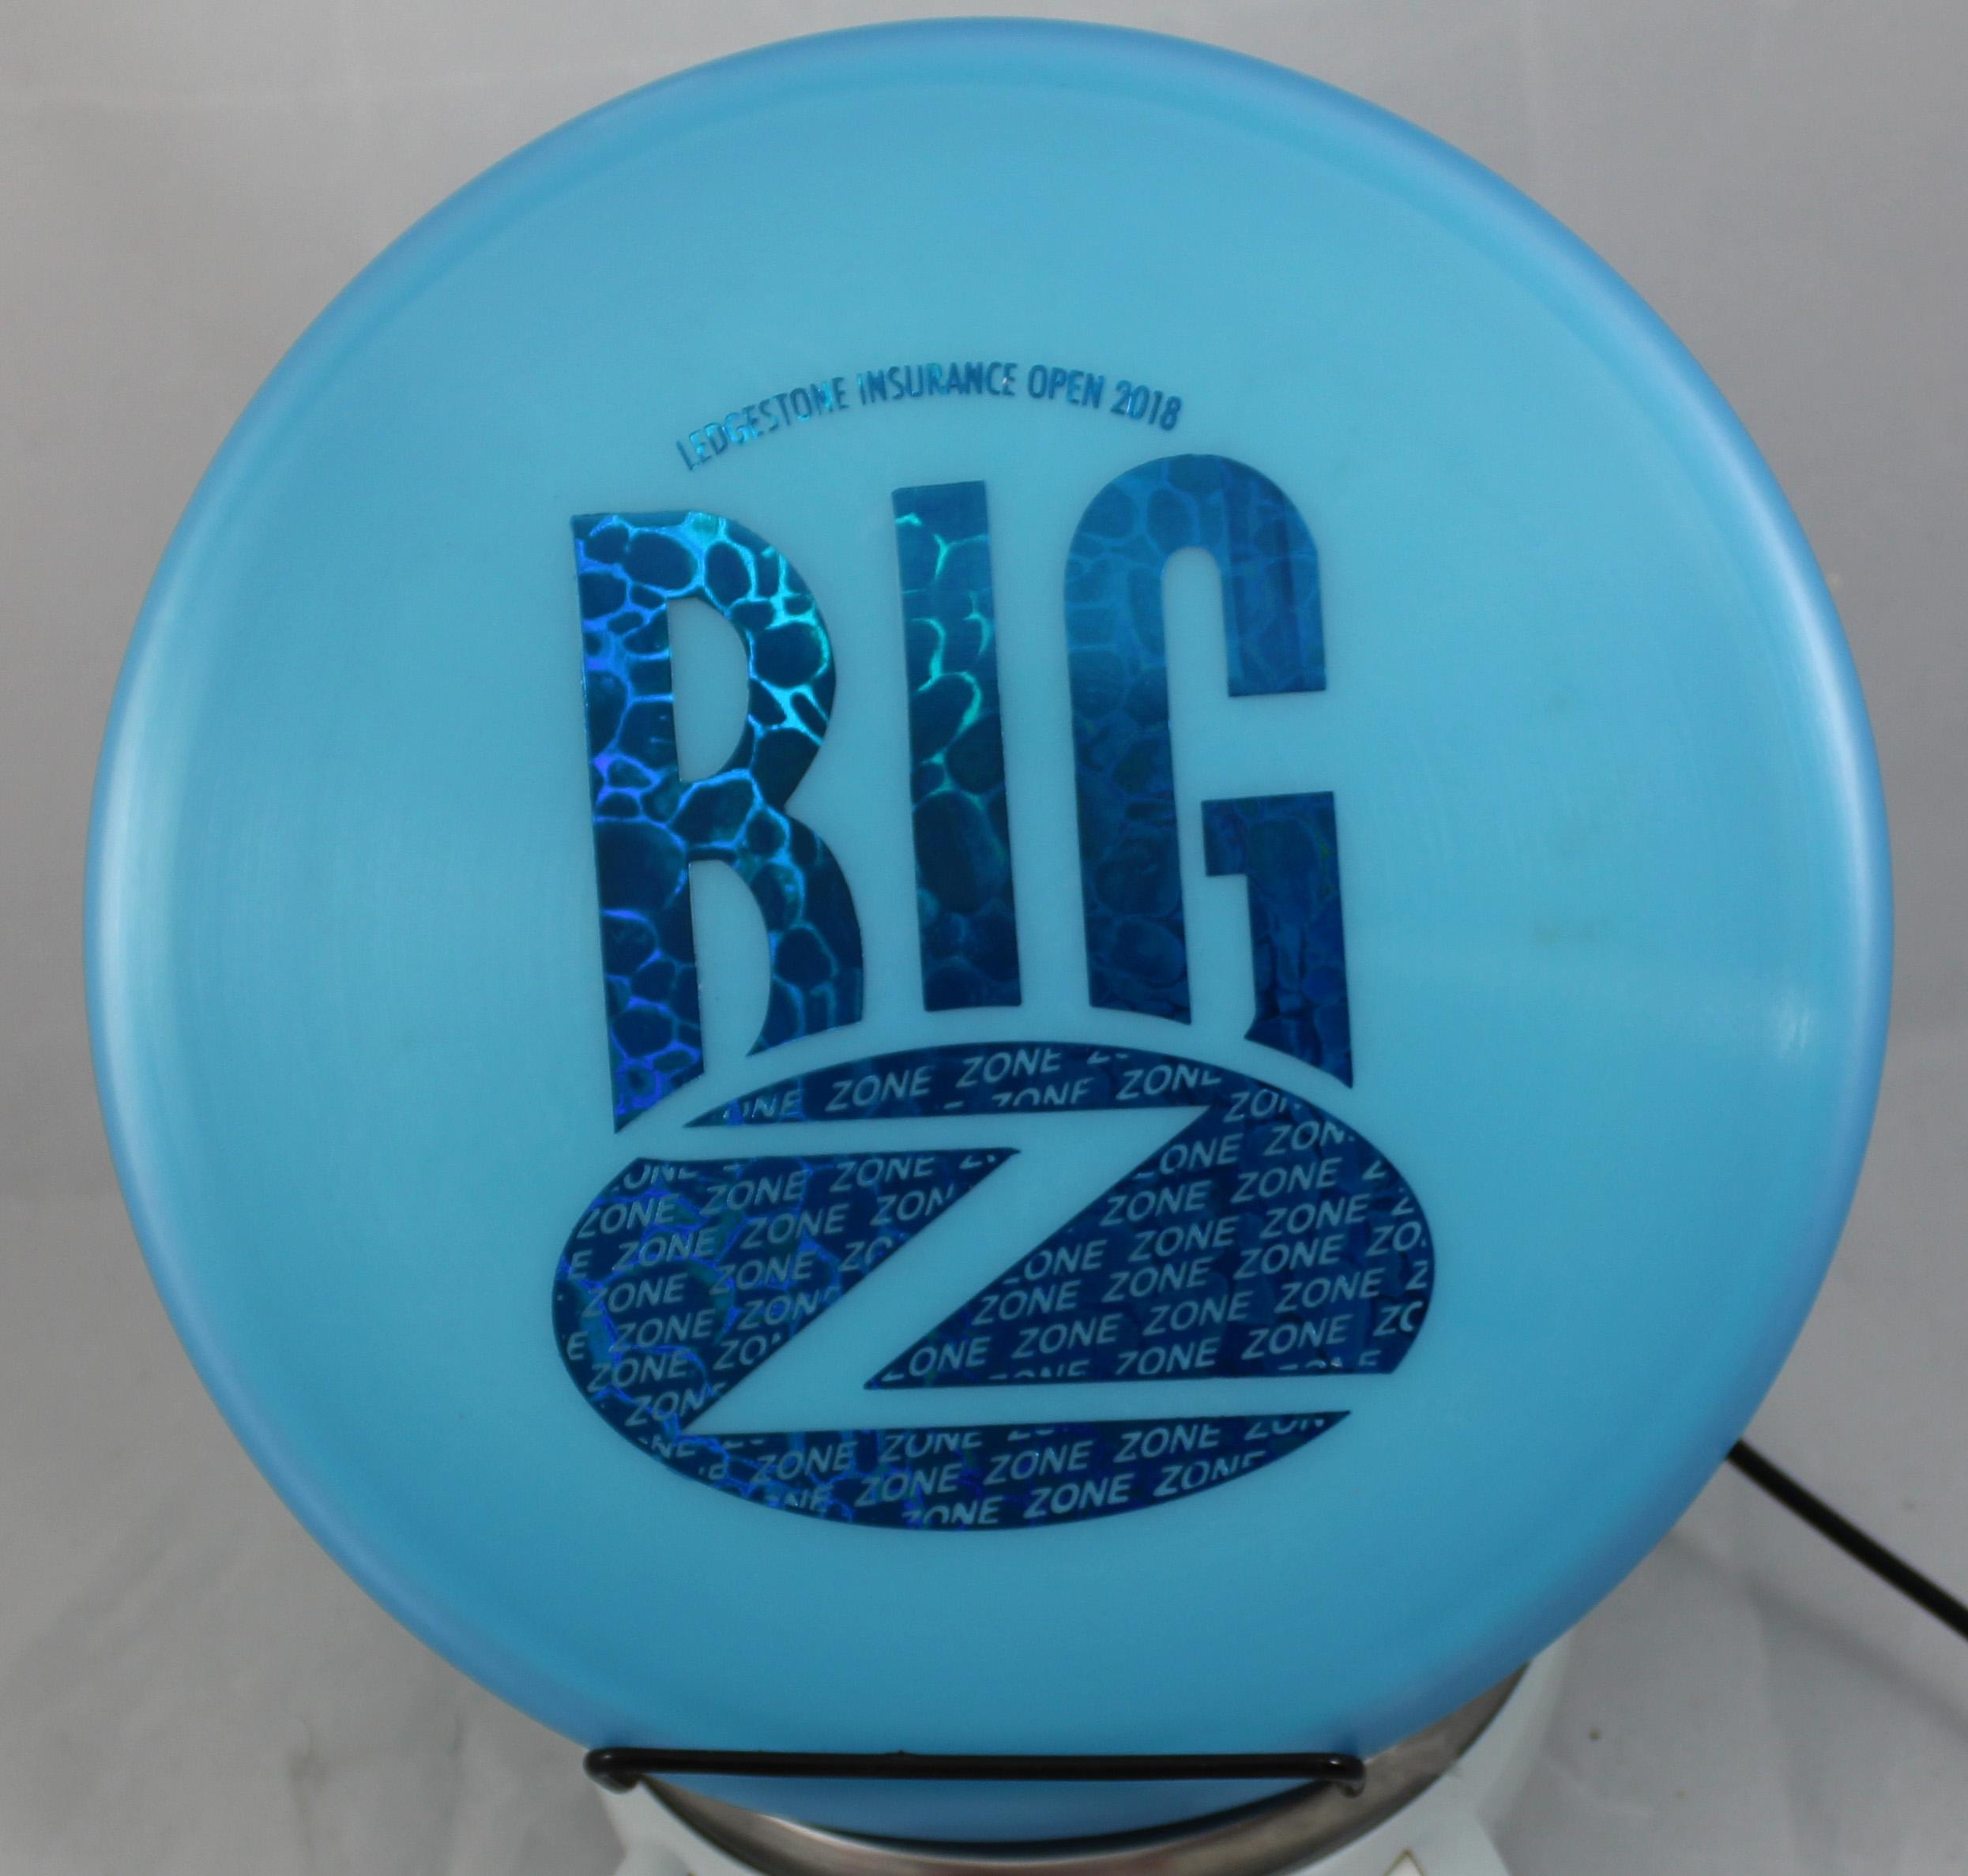 Z Zone, Big Z 2018 Ledgestone